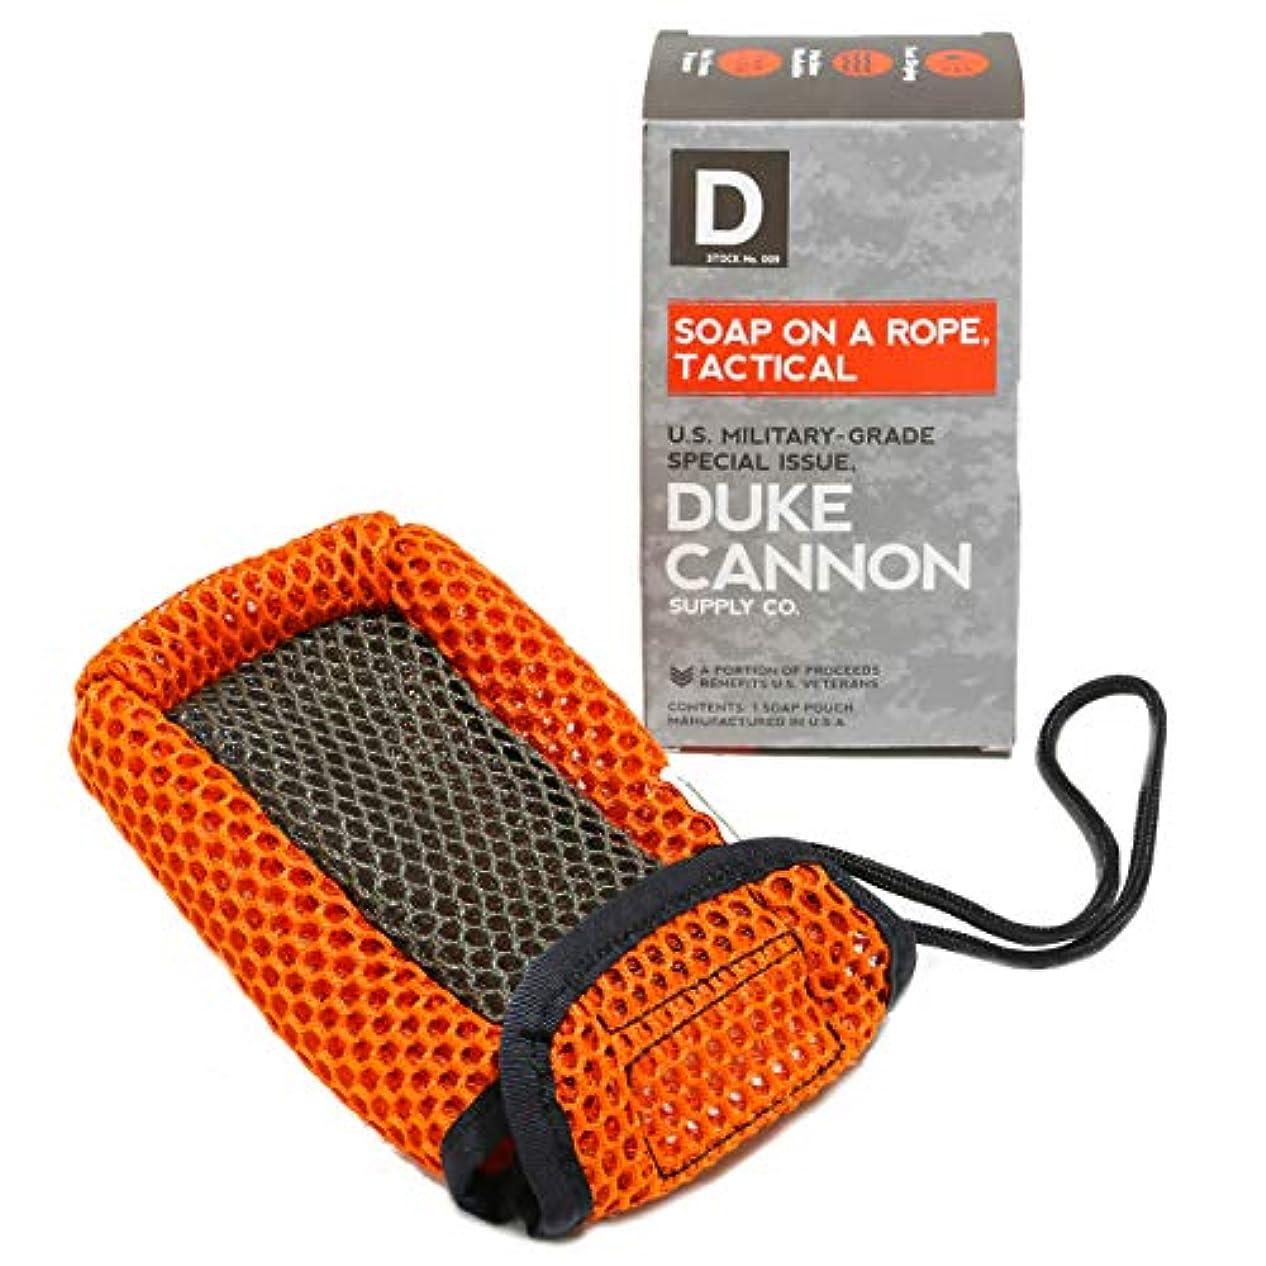 犠牲租界日付付きDuke Cannon ロープのポーチには戦術的なソープ